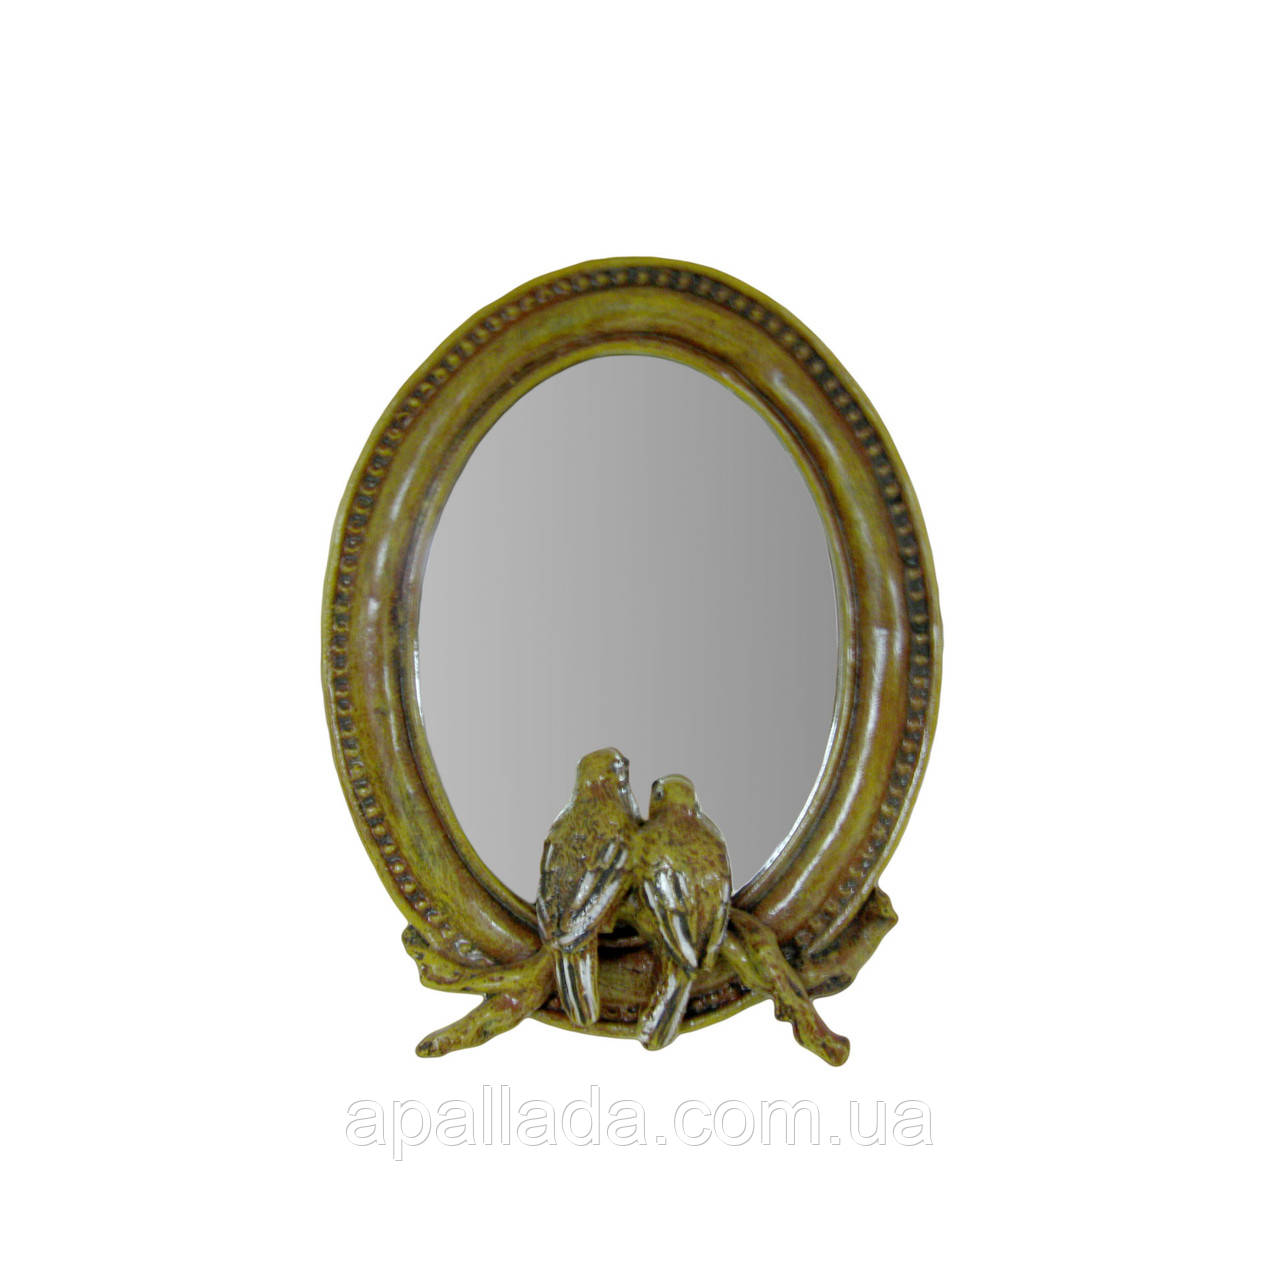 Зеркало настенное 23 см.